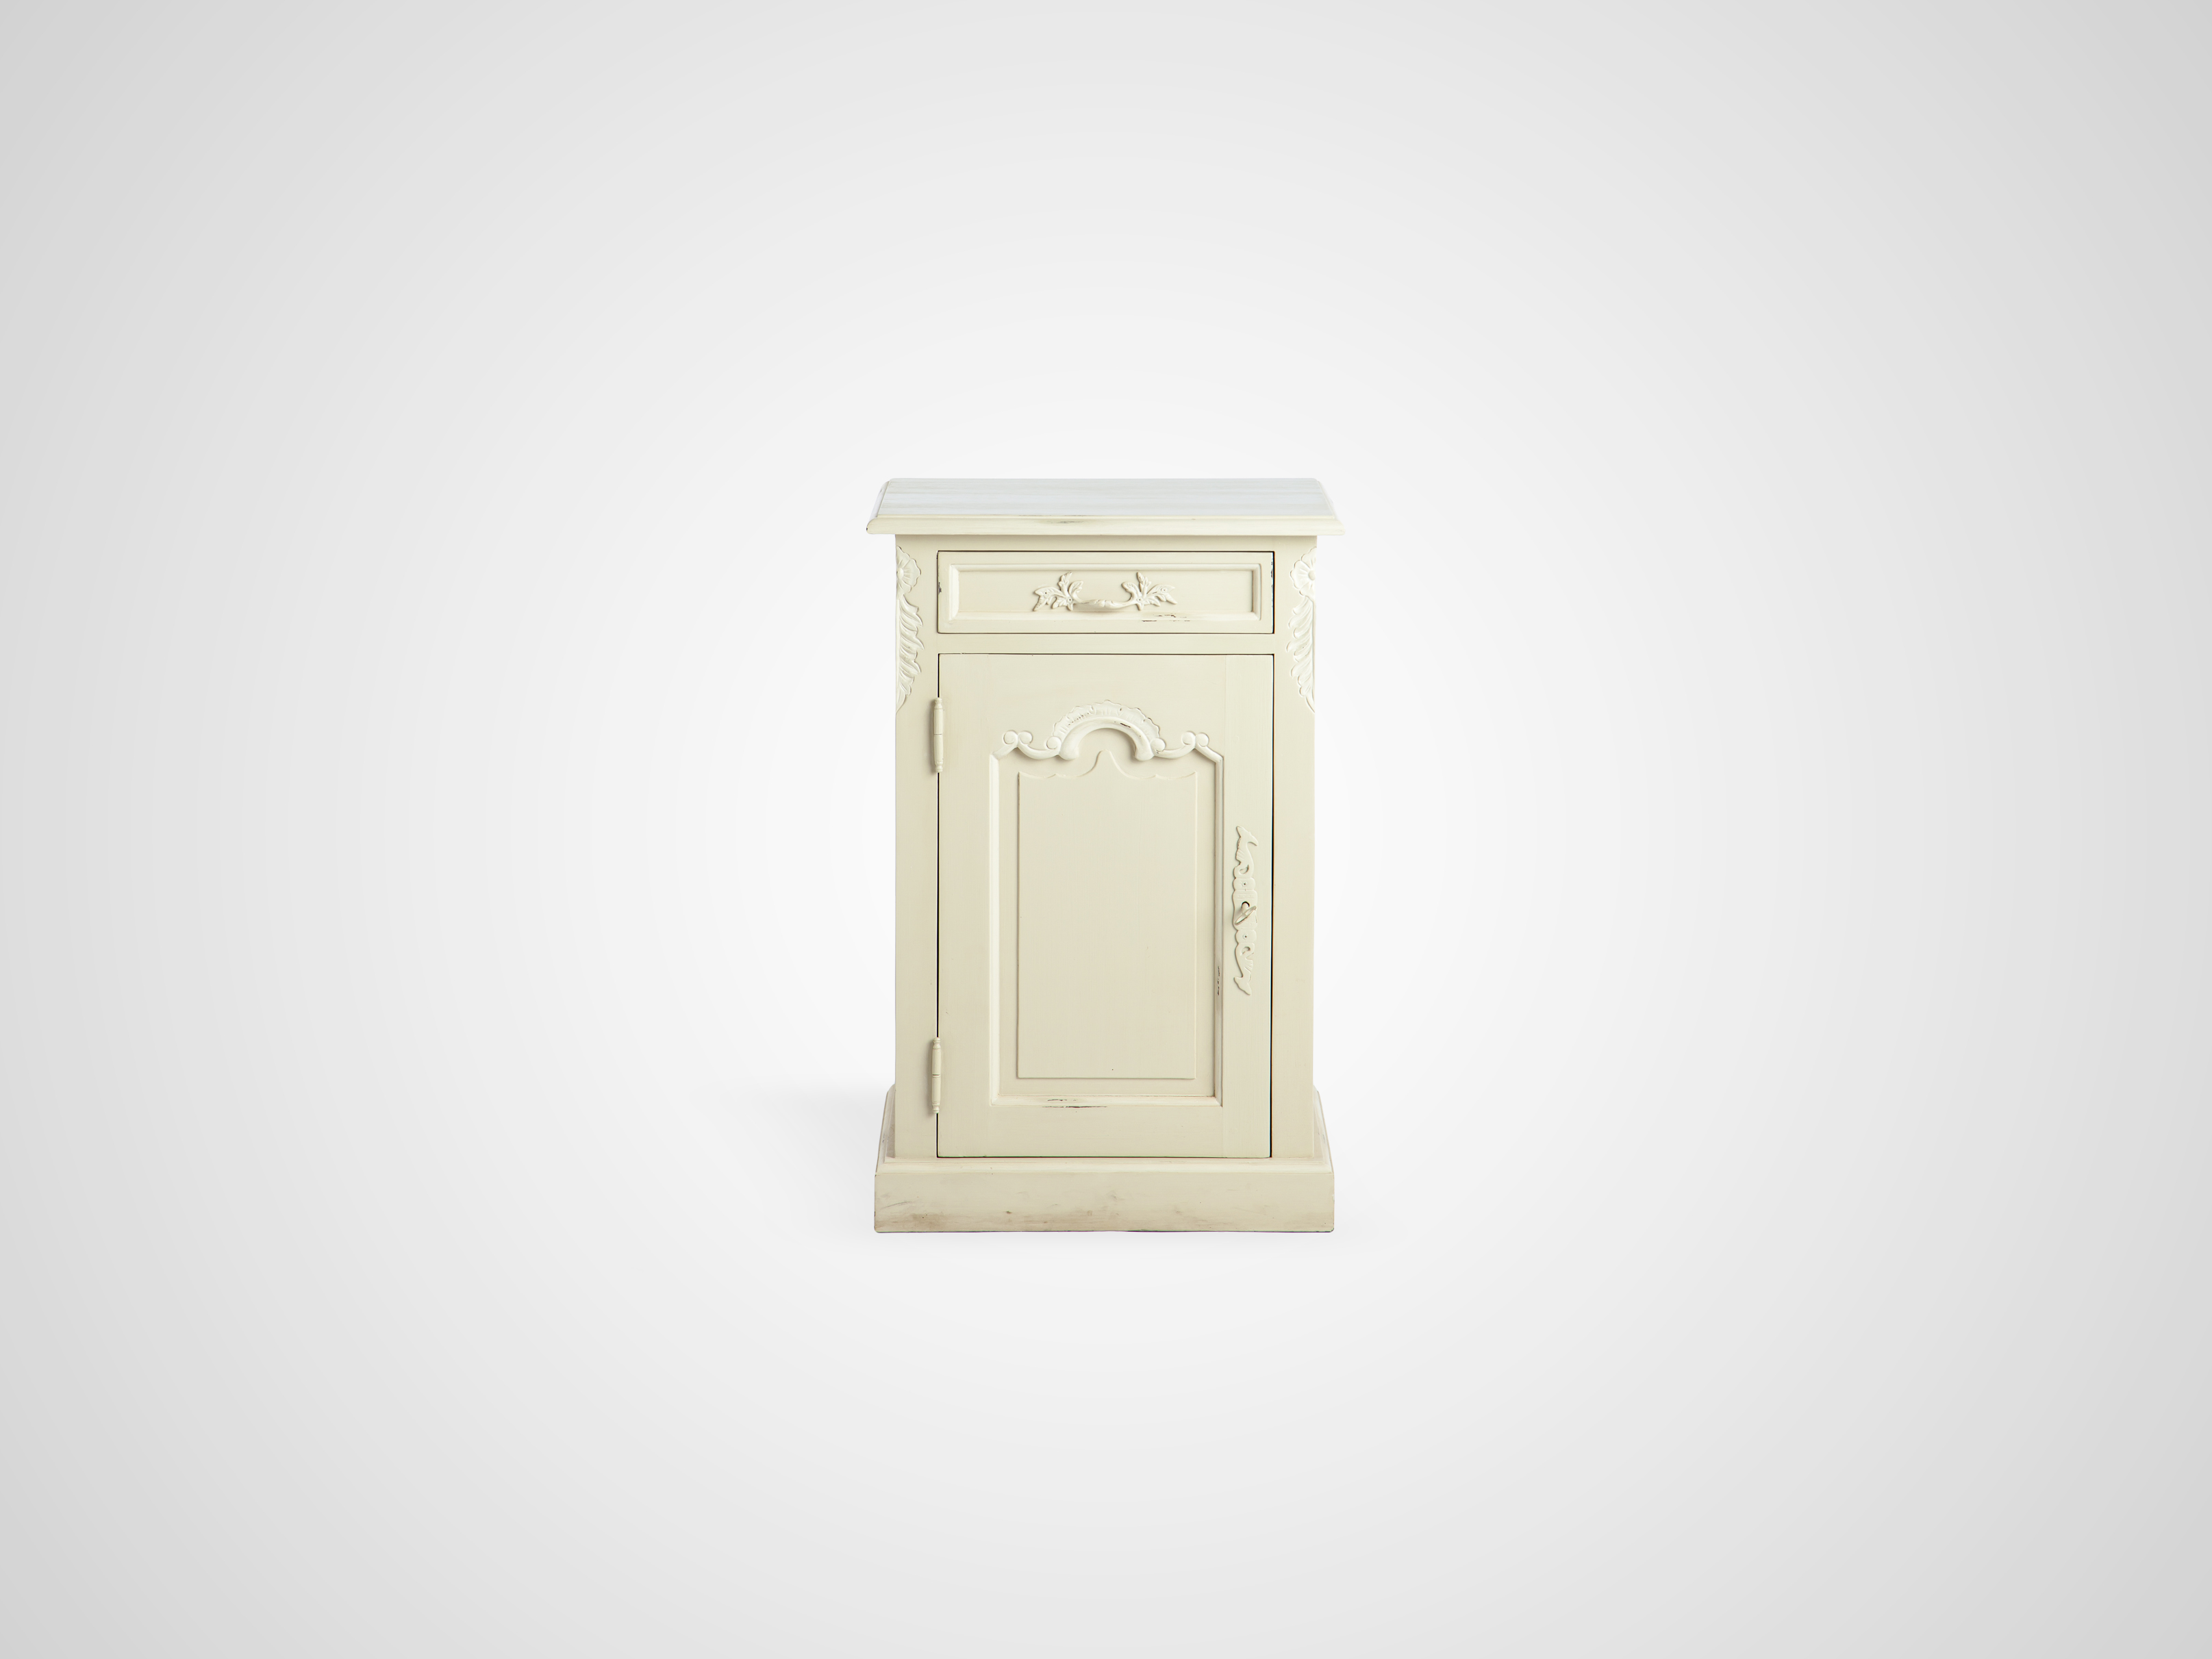 Купить Тумба со старением, дверца украшена резьбой 78x48x35 см, inmyroom, Индонезия